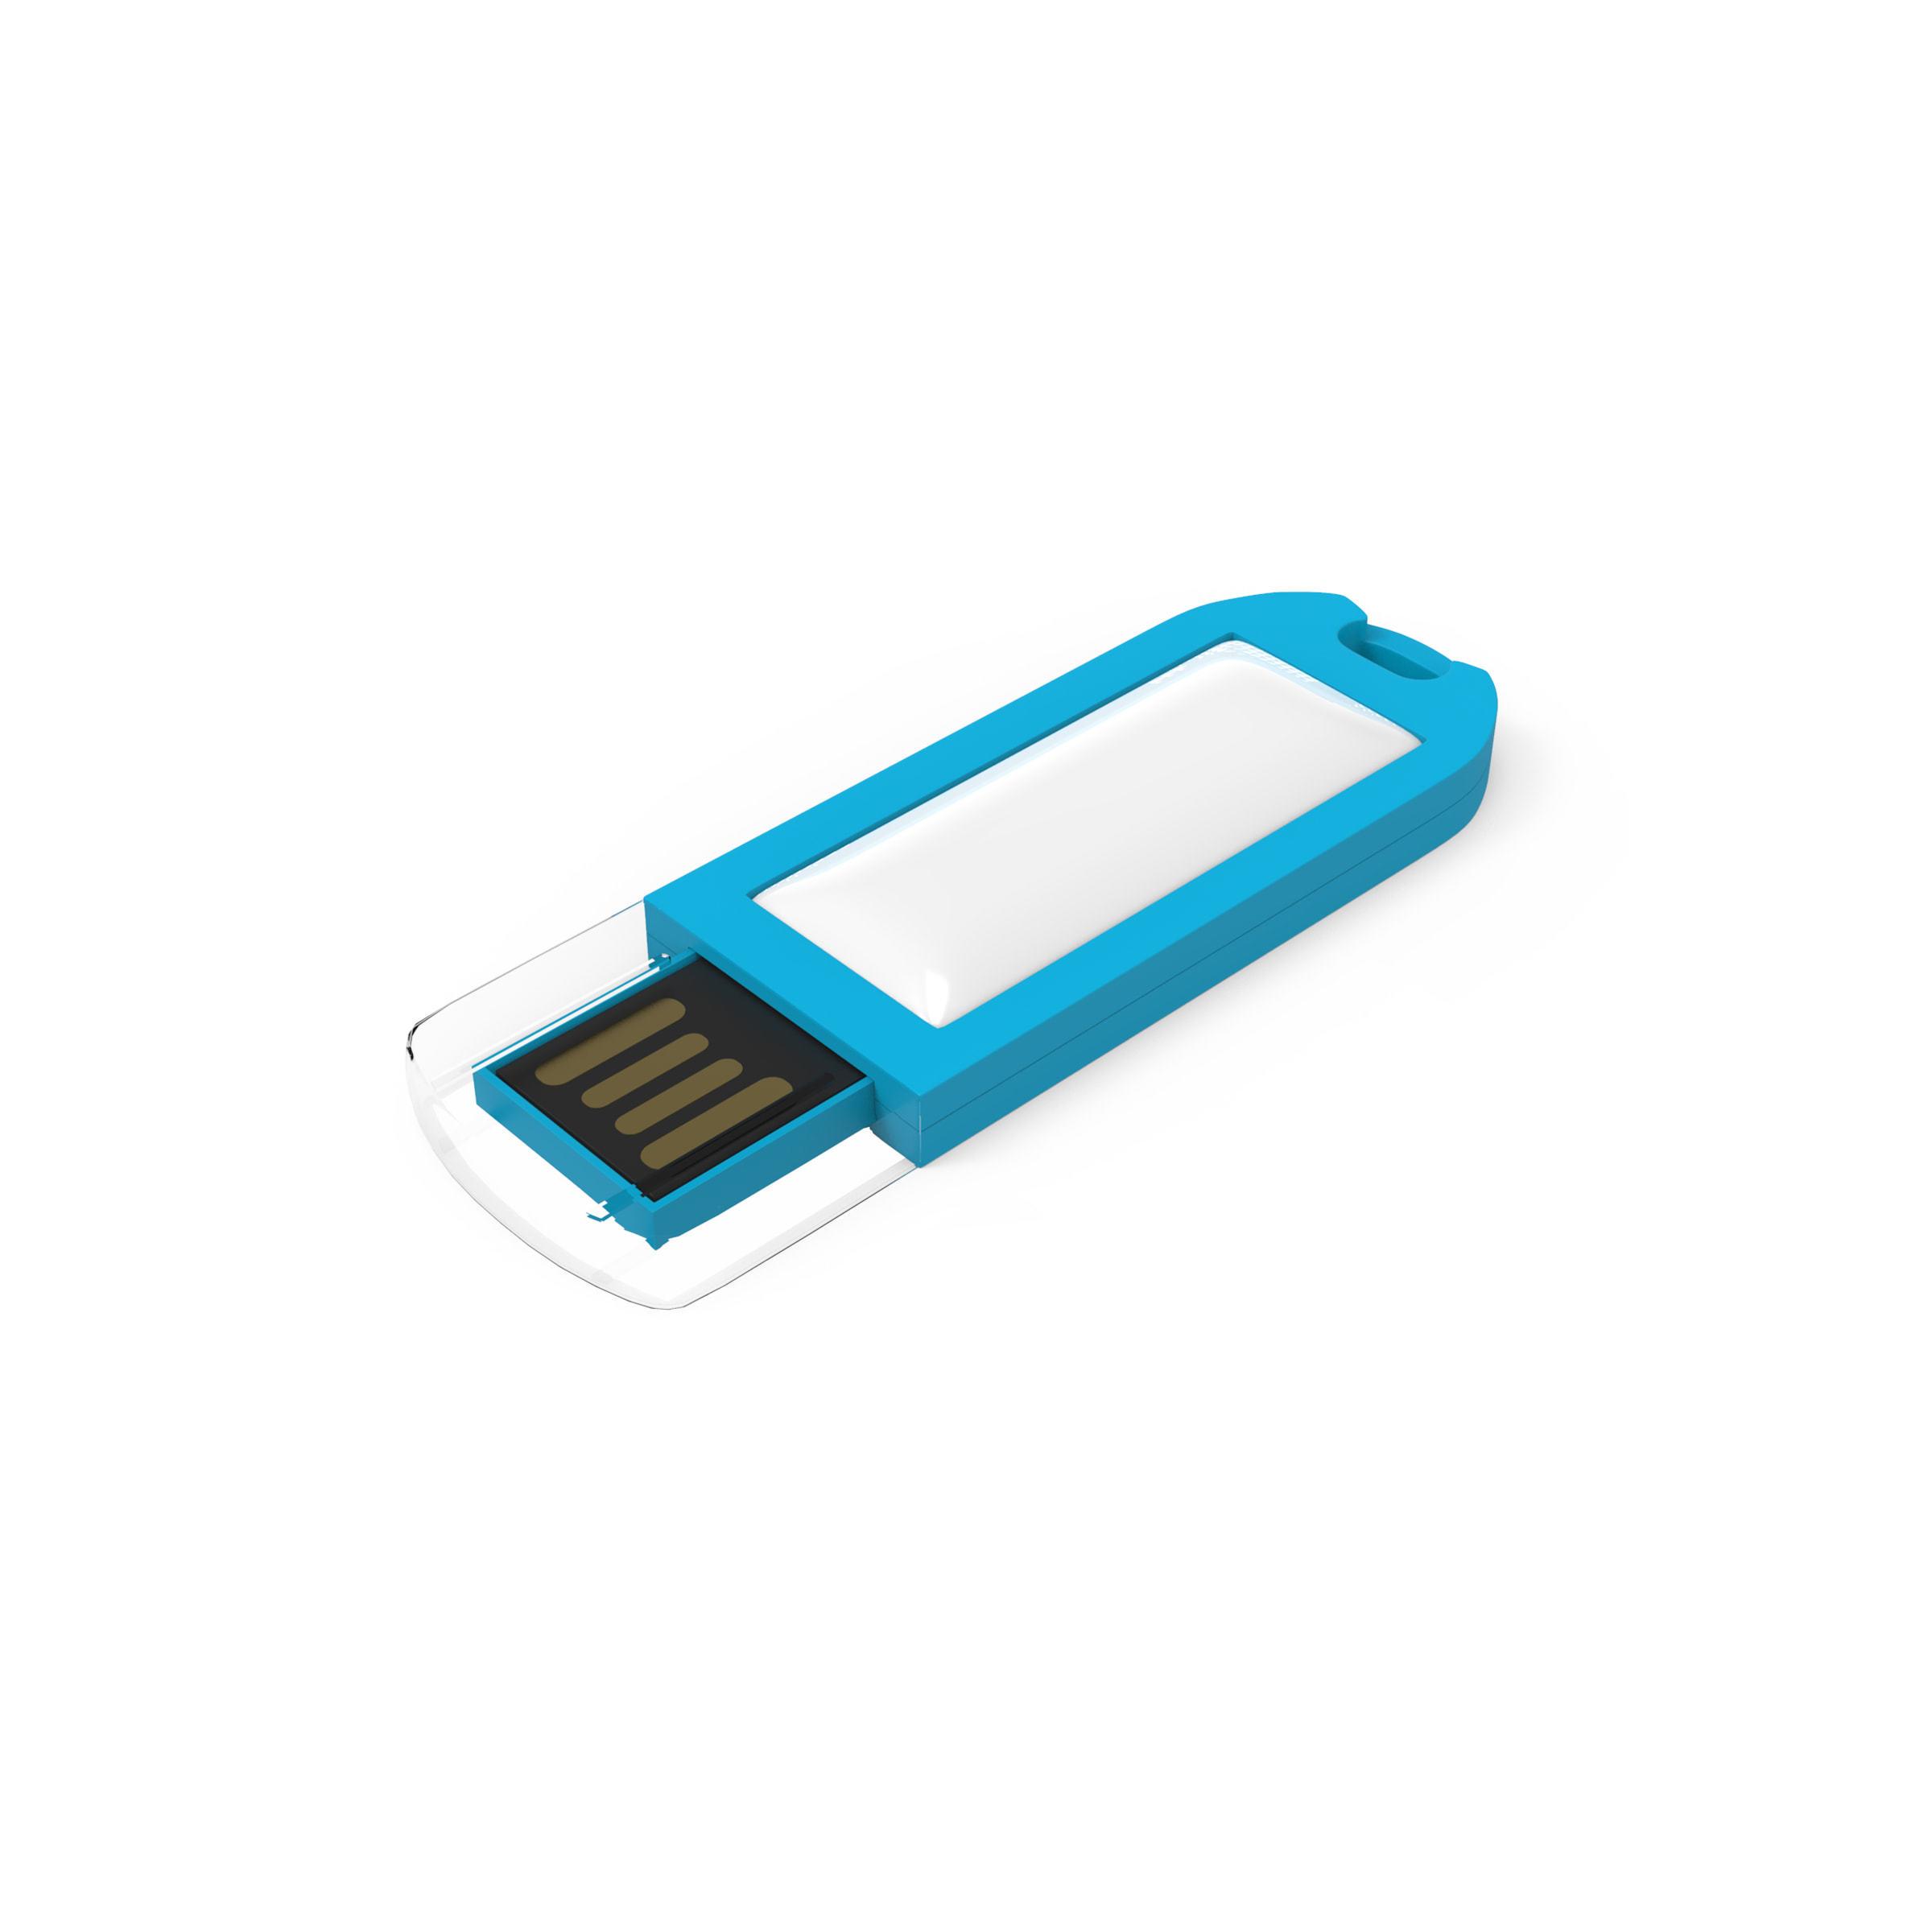 Clé USB Spectra v2 - 21-1048-9